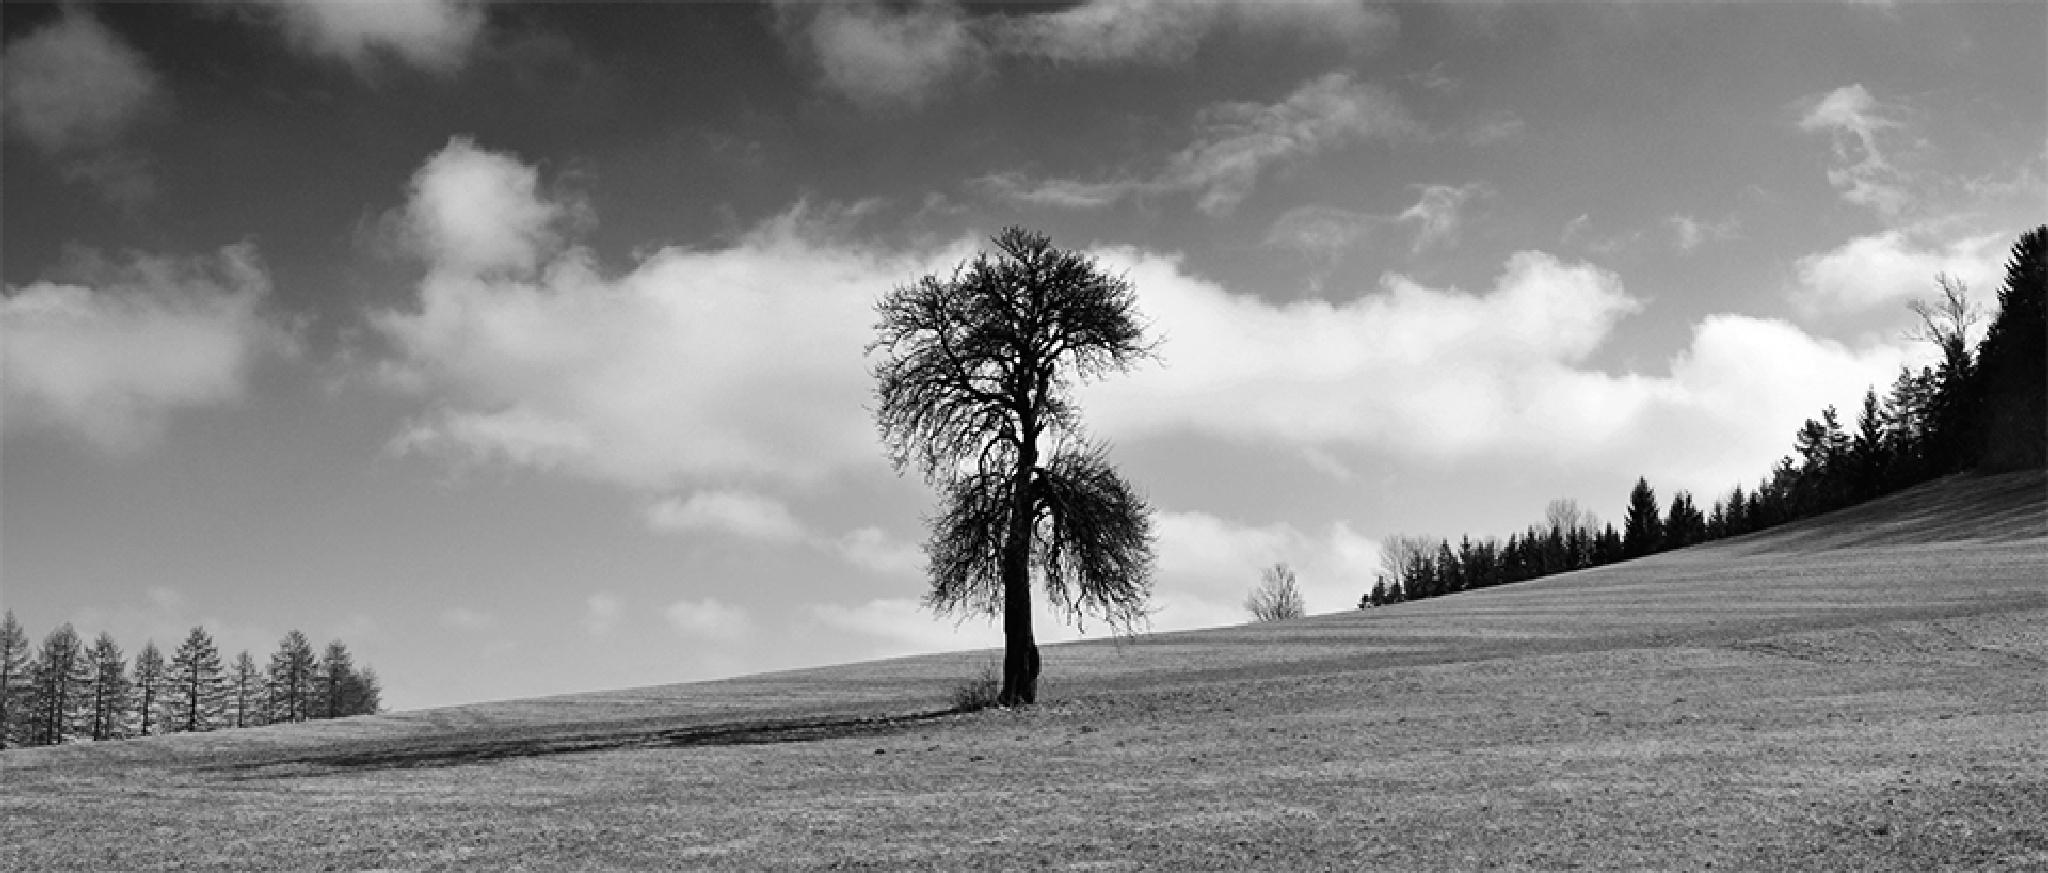 landscape by Lalowski von Nasa